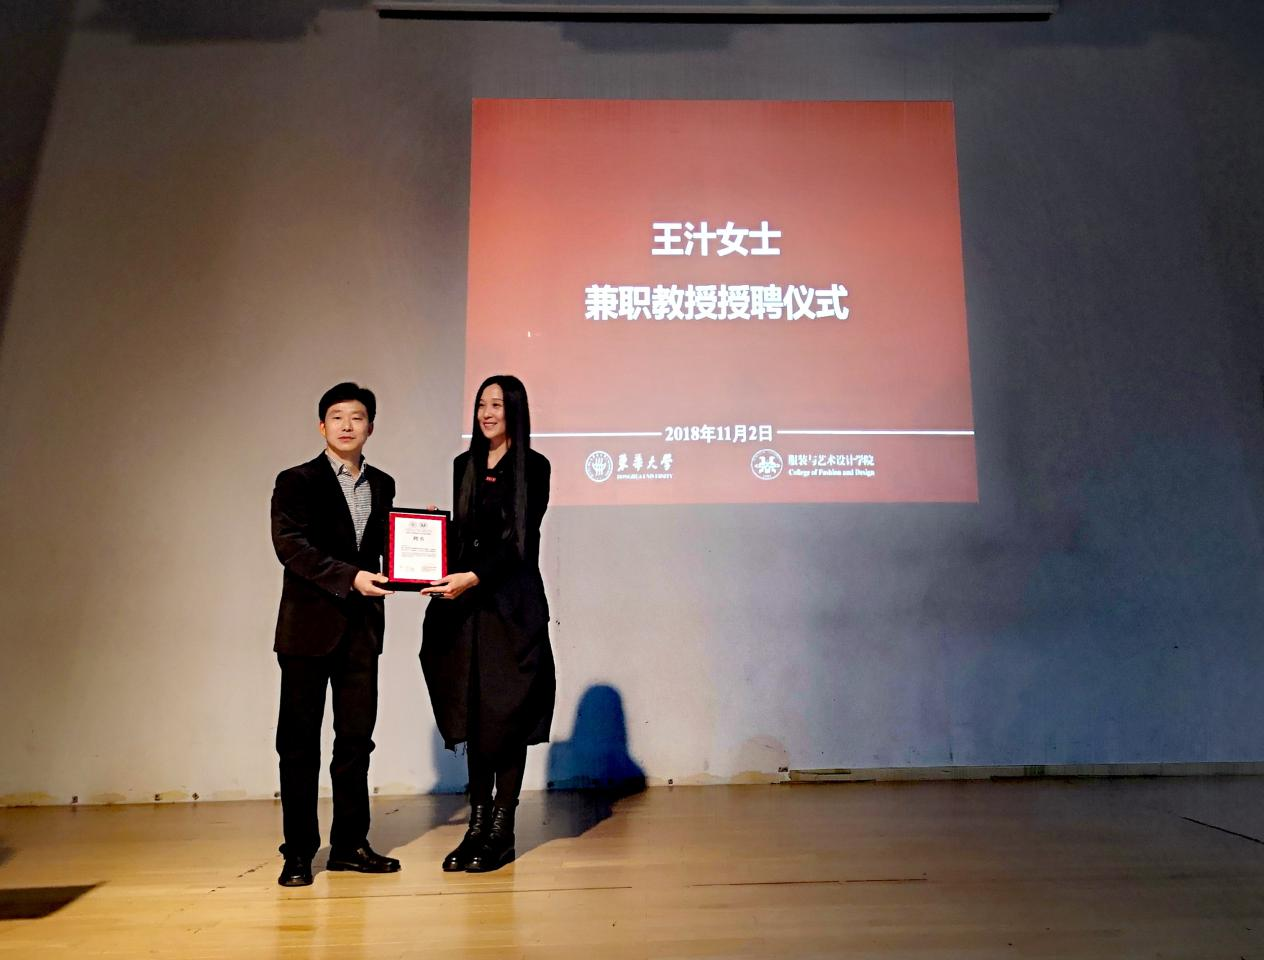 著名服装设计师王汁受聘为我校服装与艺术设计学院